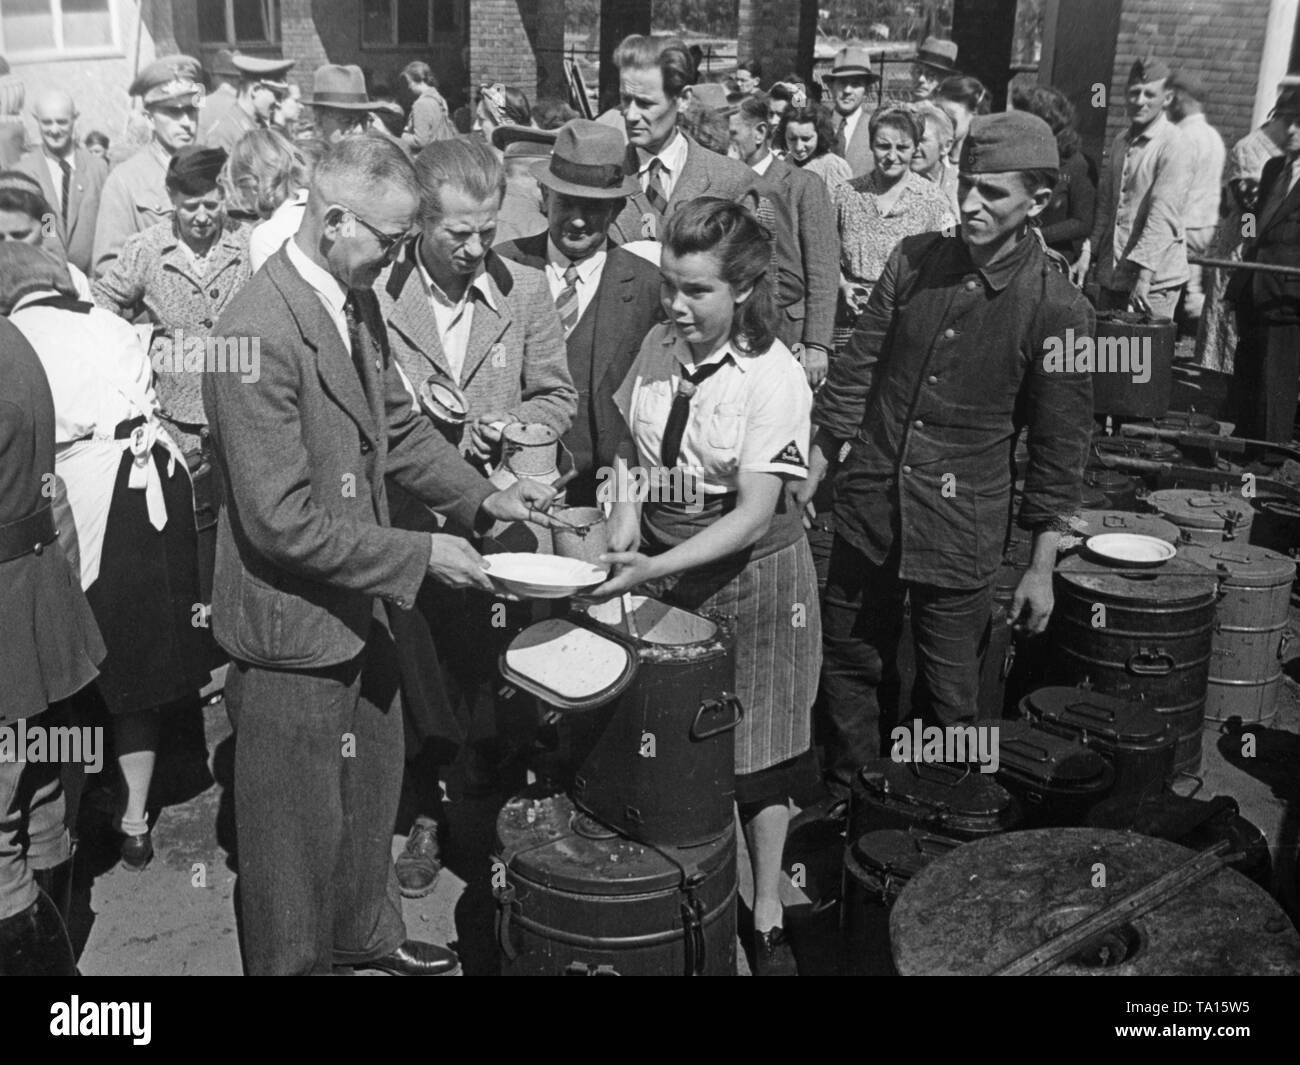 Das BDM vertreibt warmes Essen Opfer an ein Service Center in Berlin zu bombardieren. Stockfoto